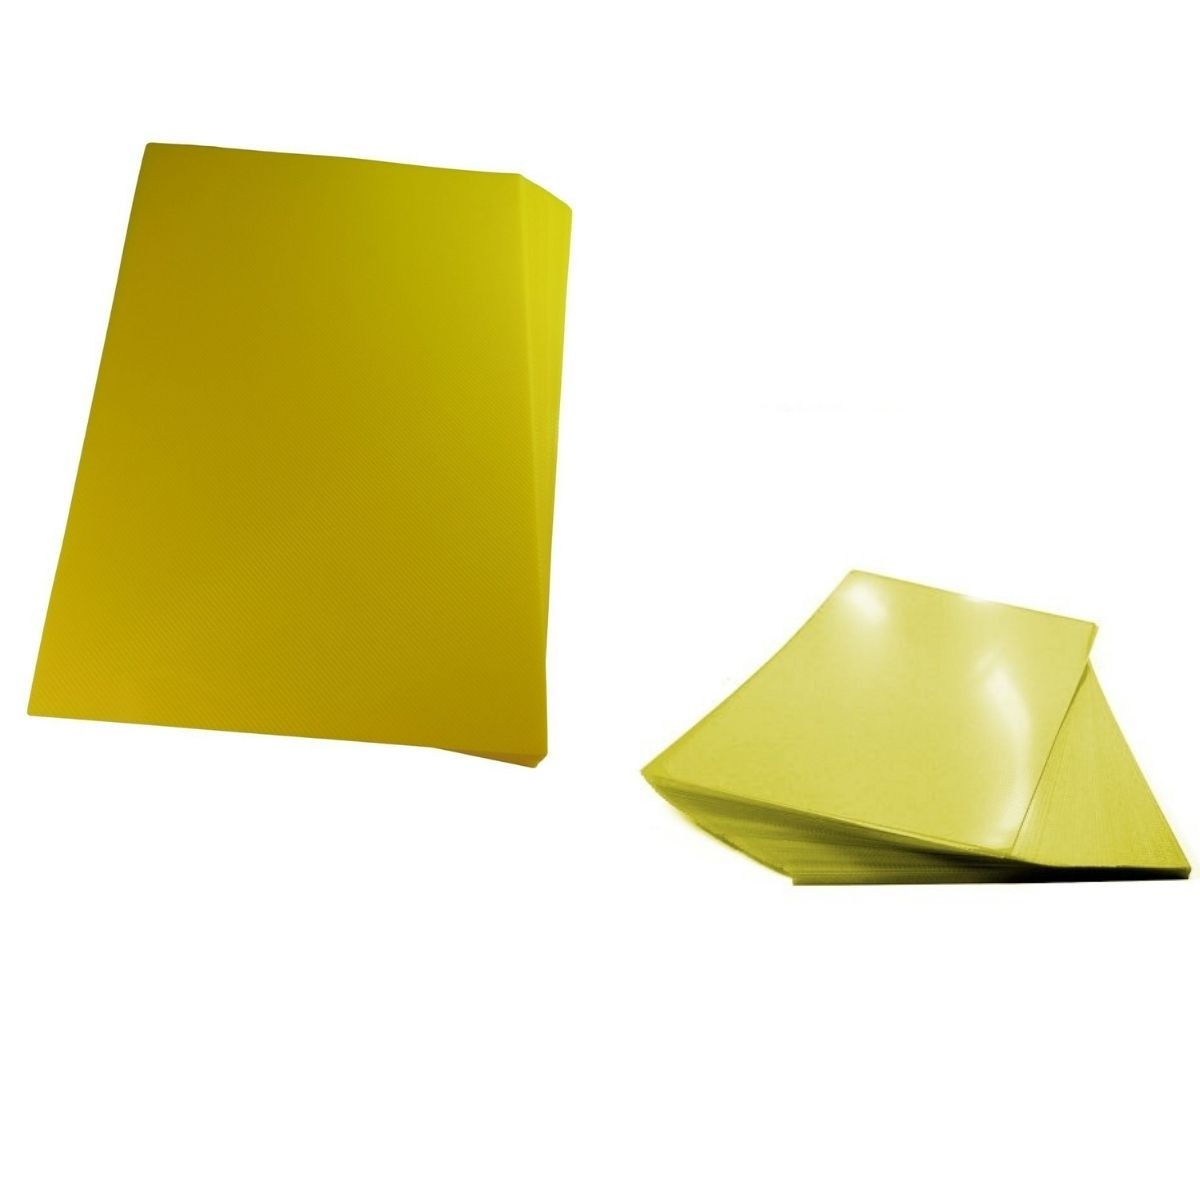 Kit 200 Capas para Encadernação A4 Amarela  - Click Suprimentos